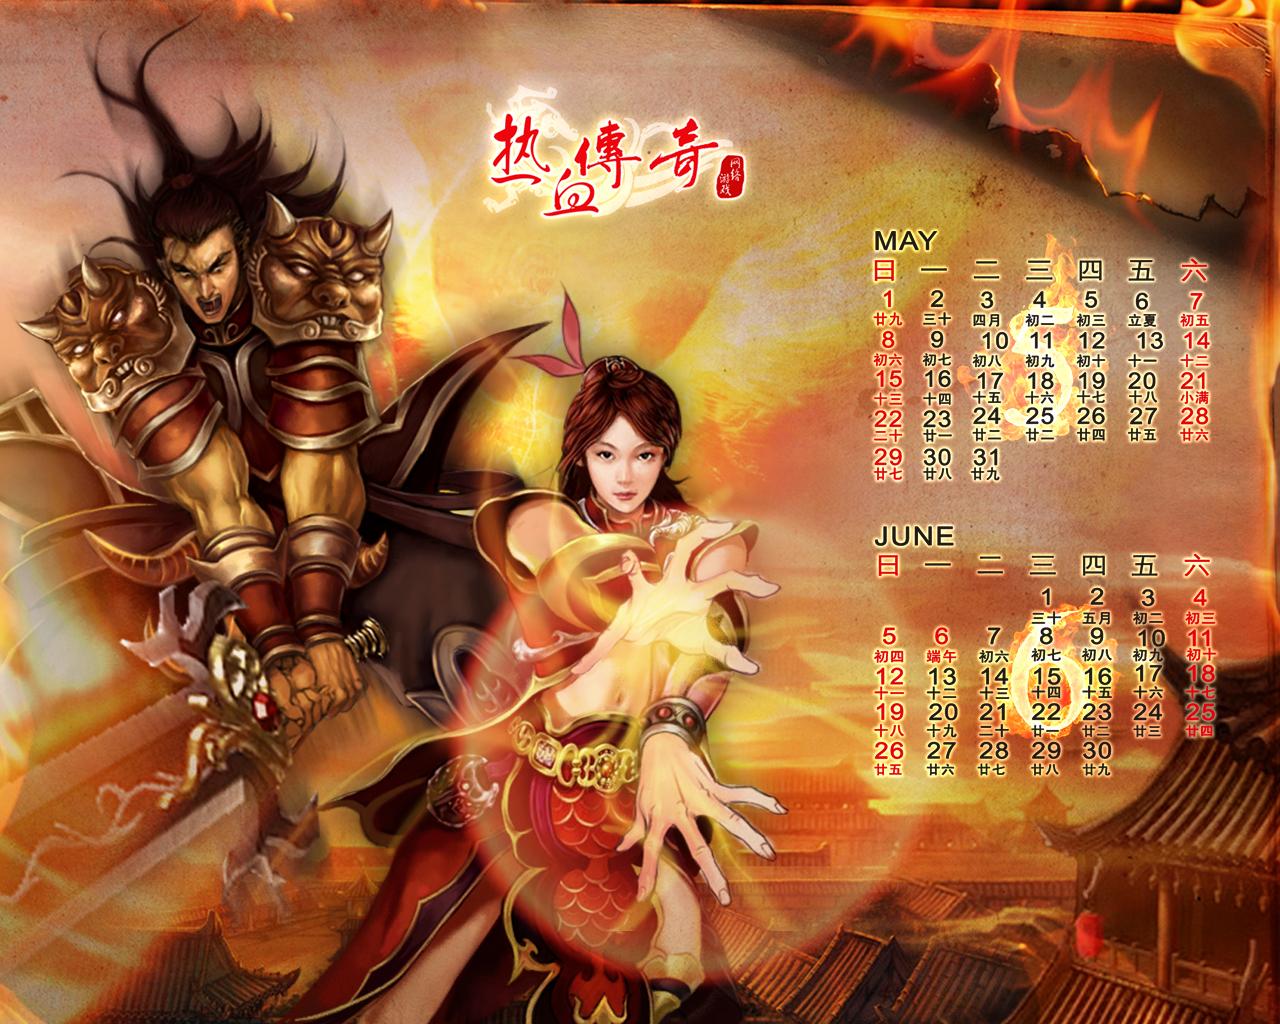 热血传奇 游戏壁纸3 | 中华网游戏大全